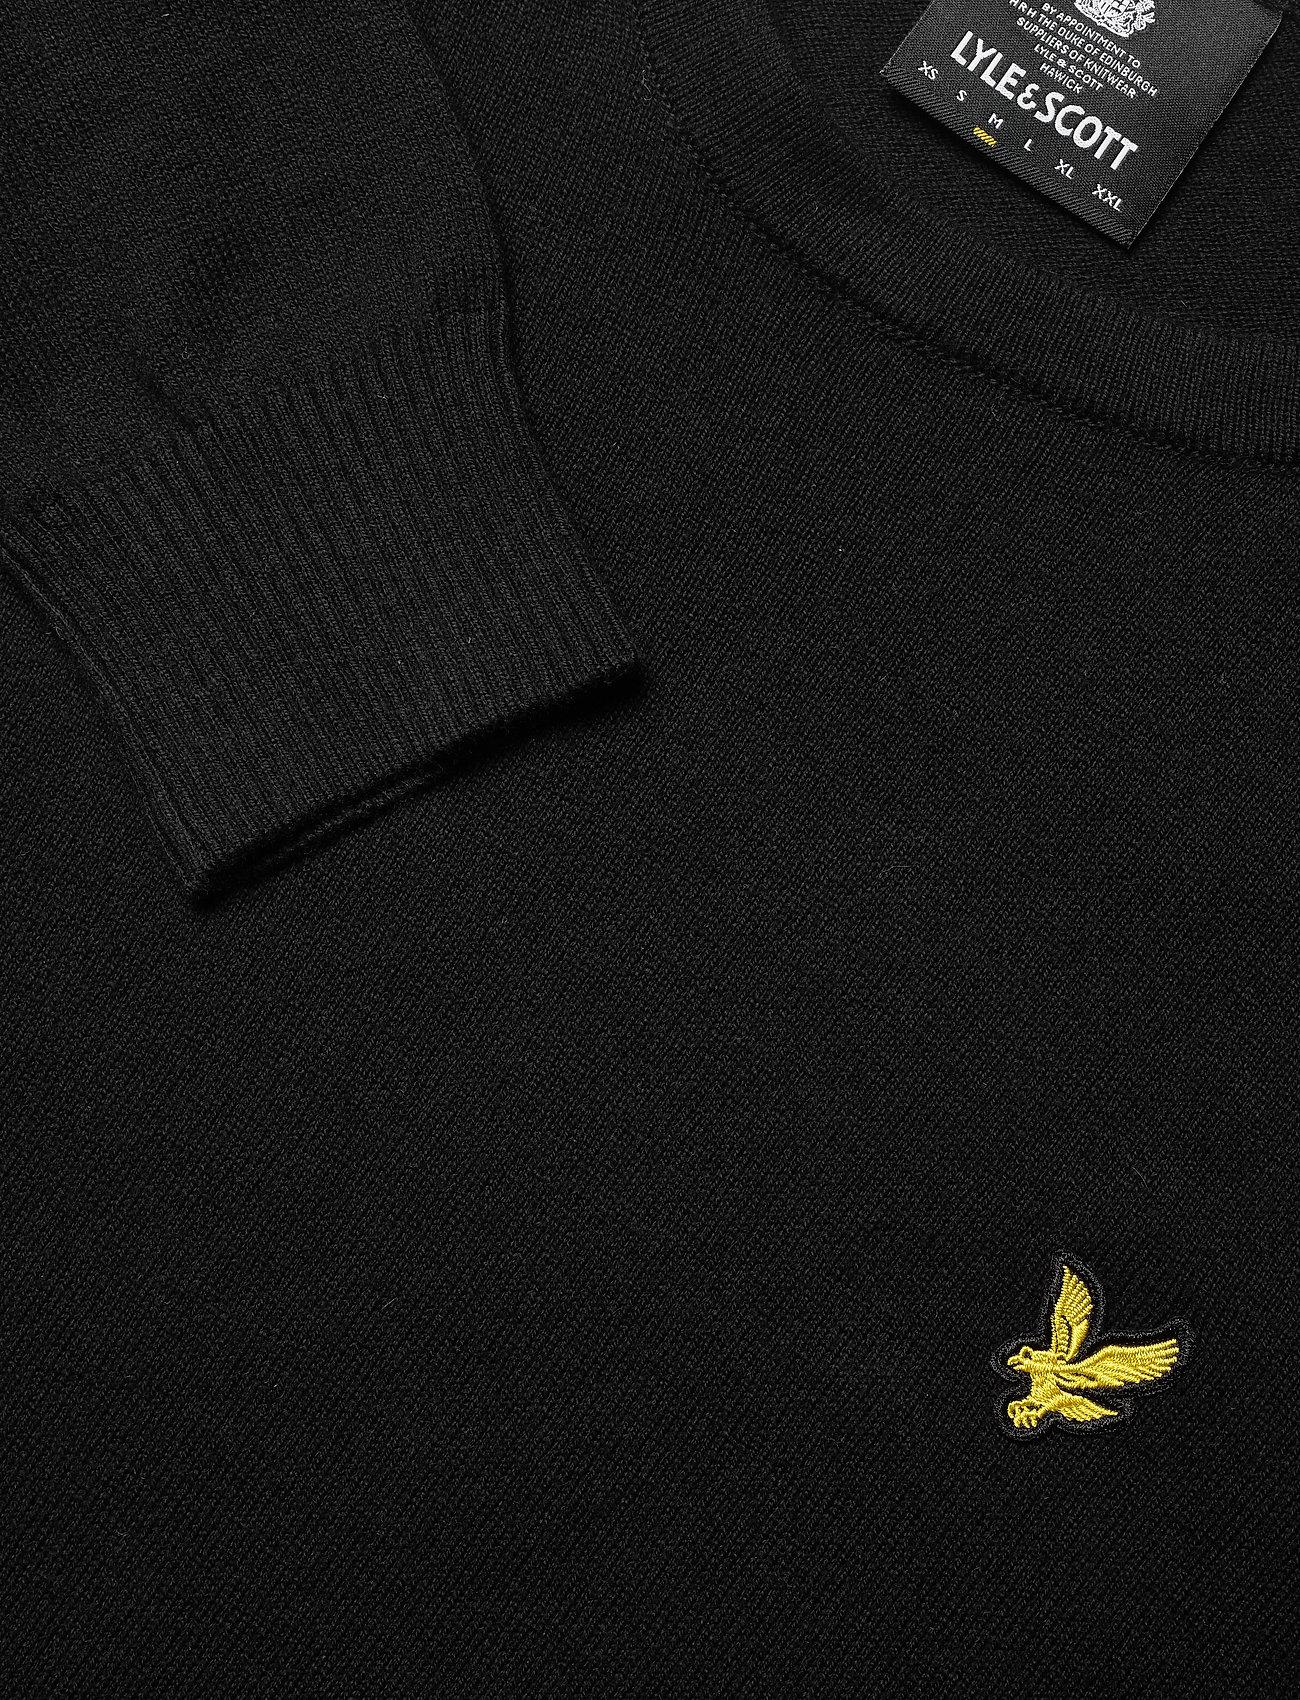 Lyle & Scott Cotton Merino Crew Jumper - Strikkevarer JET BLACK - Menn Klær